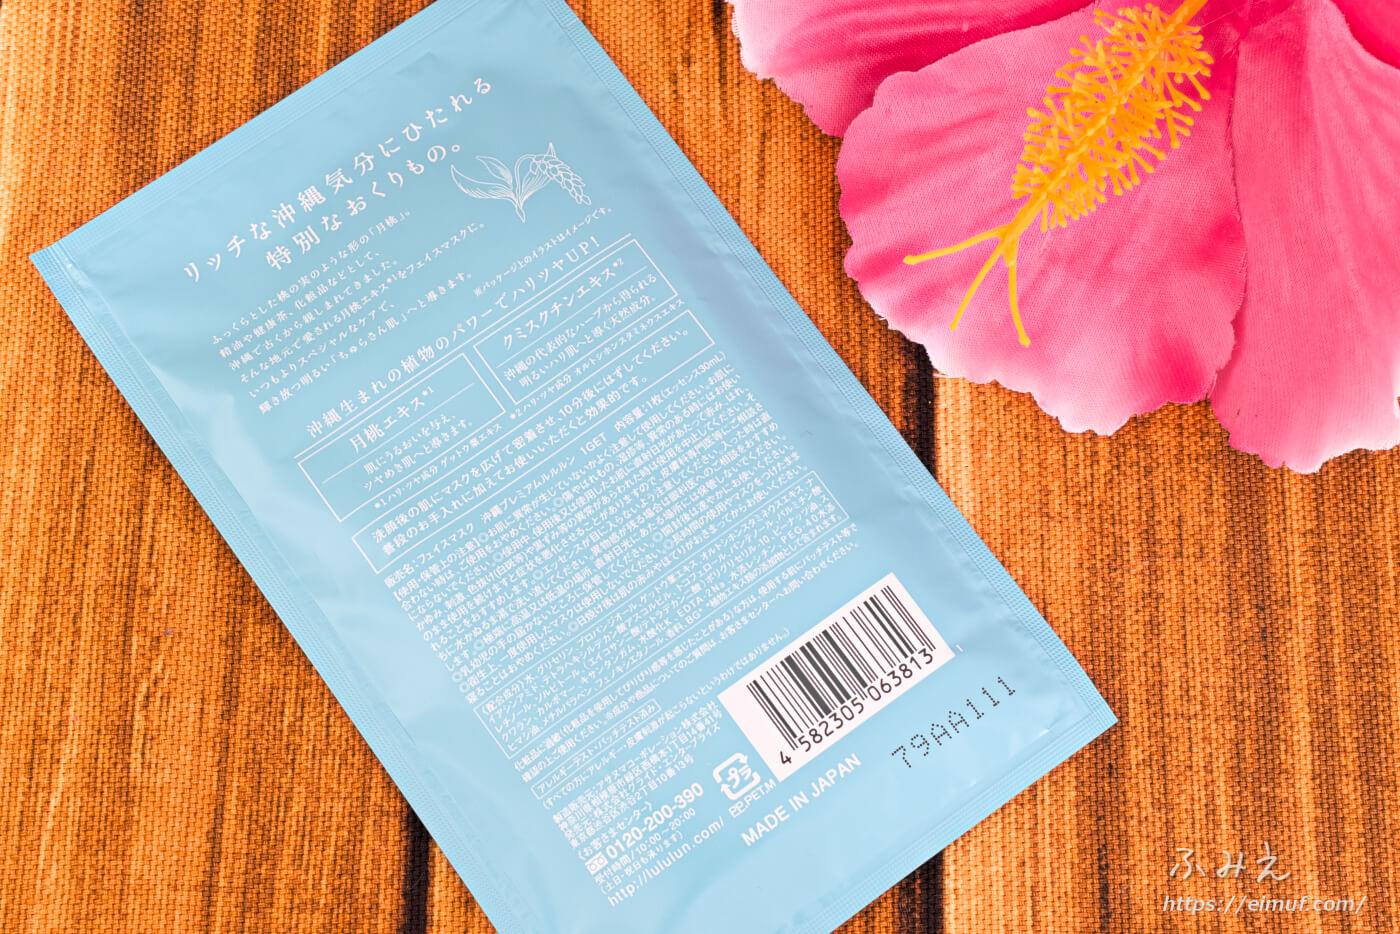 沖縄のプレミアムルルルン 大人のスペシャルケア ハイビスカスの香り 1枚入りパッケージ裏面